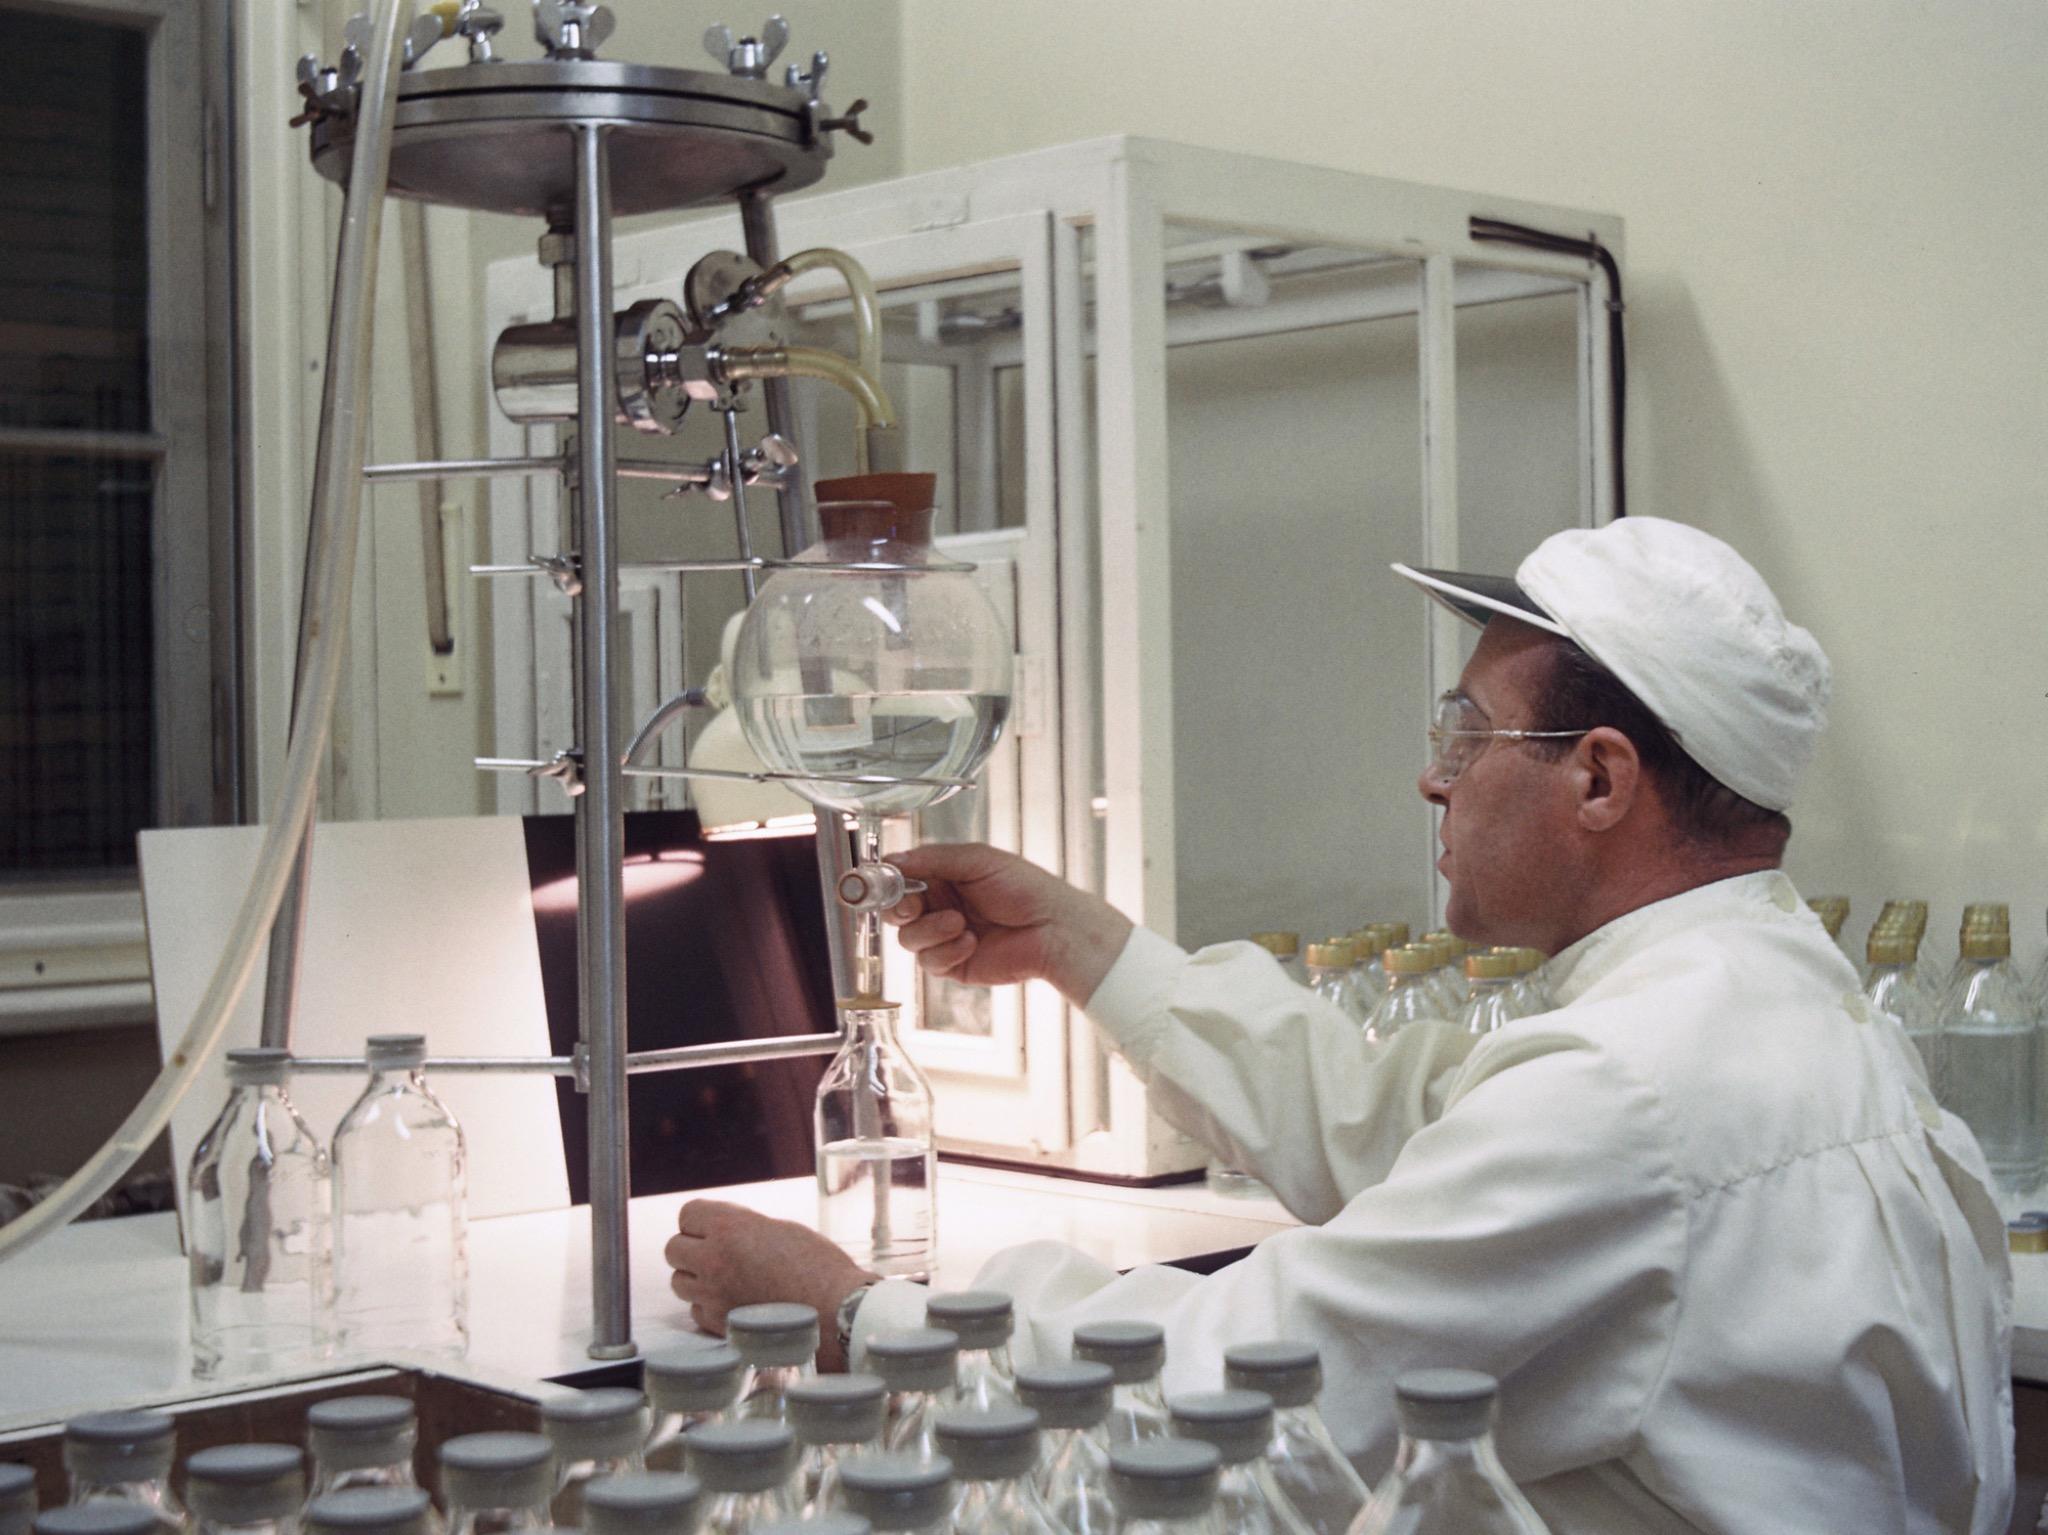 So wurden 1960 Infusionslösungen in der Klinikapotheke des UKW abgefüllt. Foto: Uniklinikum Würzburg